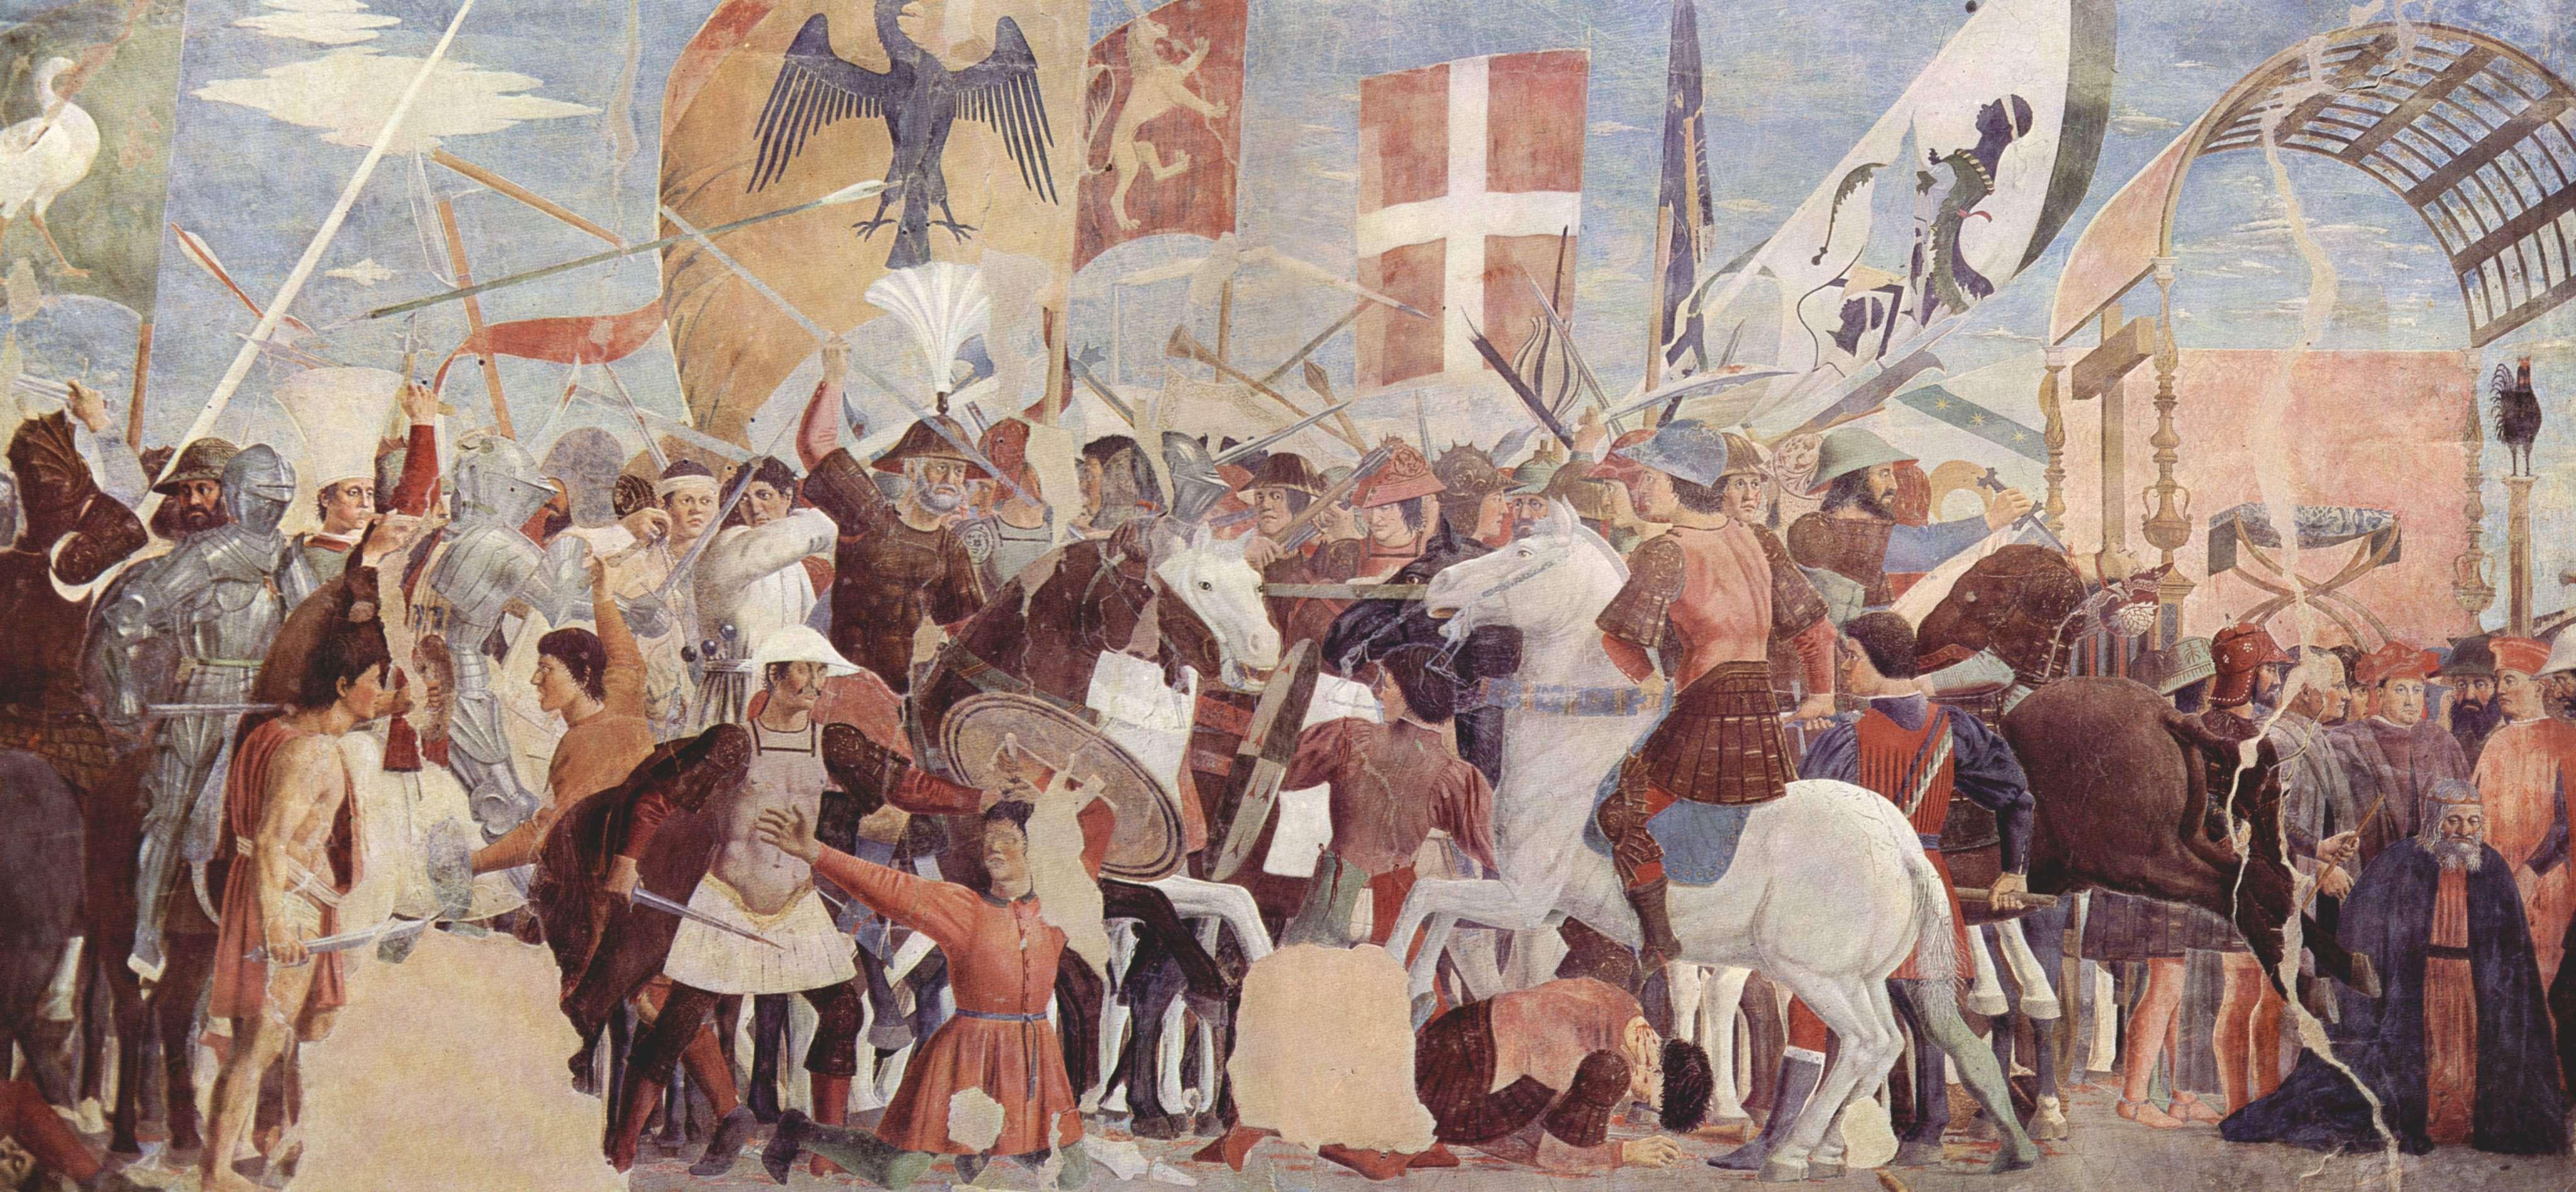 Μάχη μεταξύ του στρατού του Ηρακλείου και των Περσών υπό Khosrau II. Τοιχογραφία του Piero della Francesca, 1452